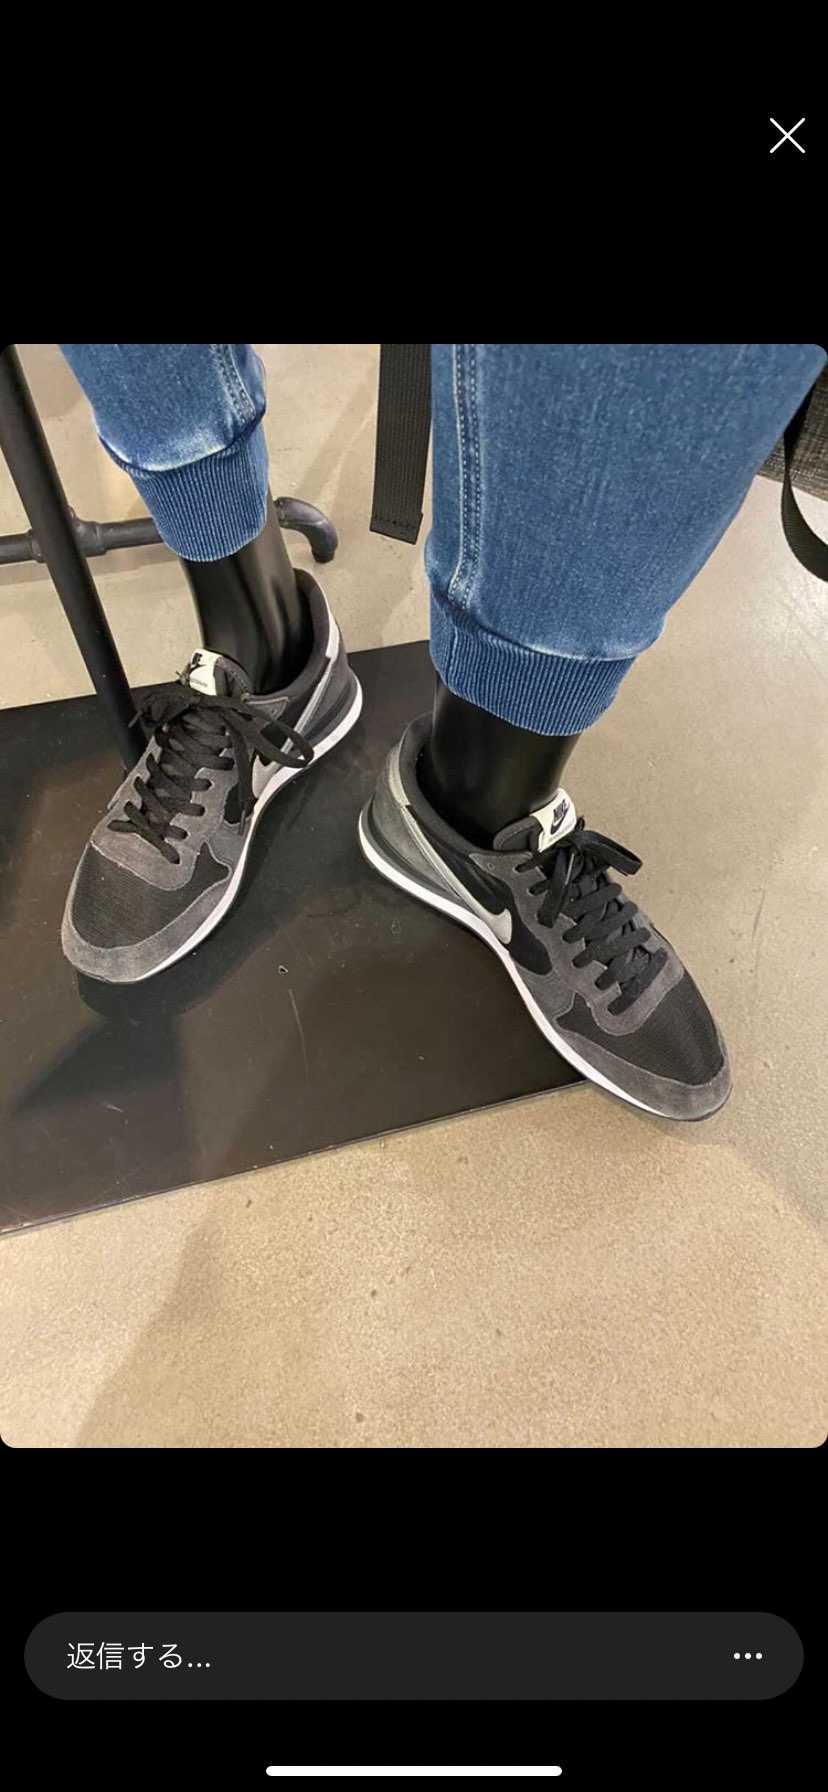 この靴の名前がわかる方いたら教えてください🙏